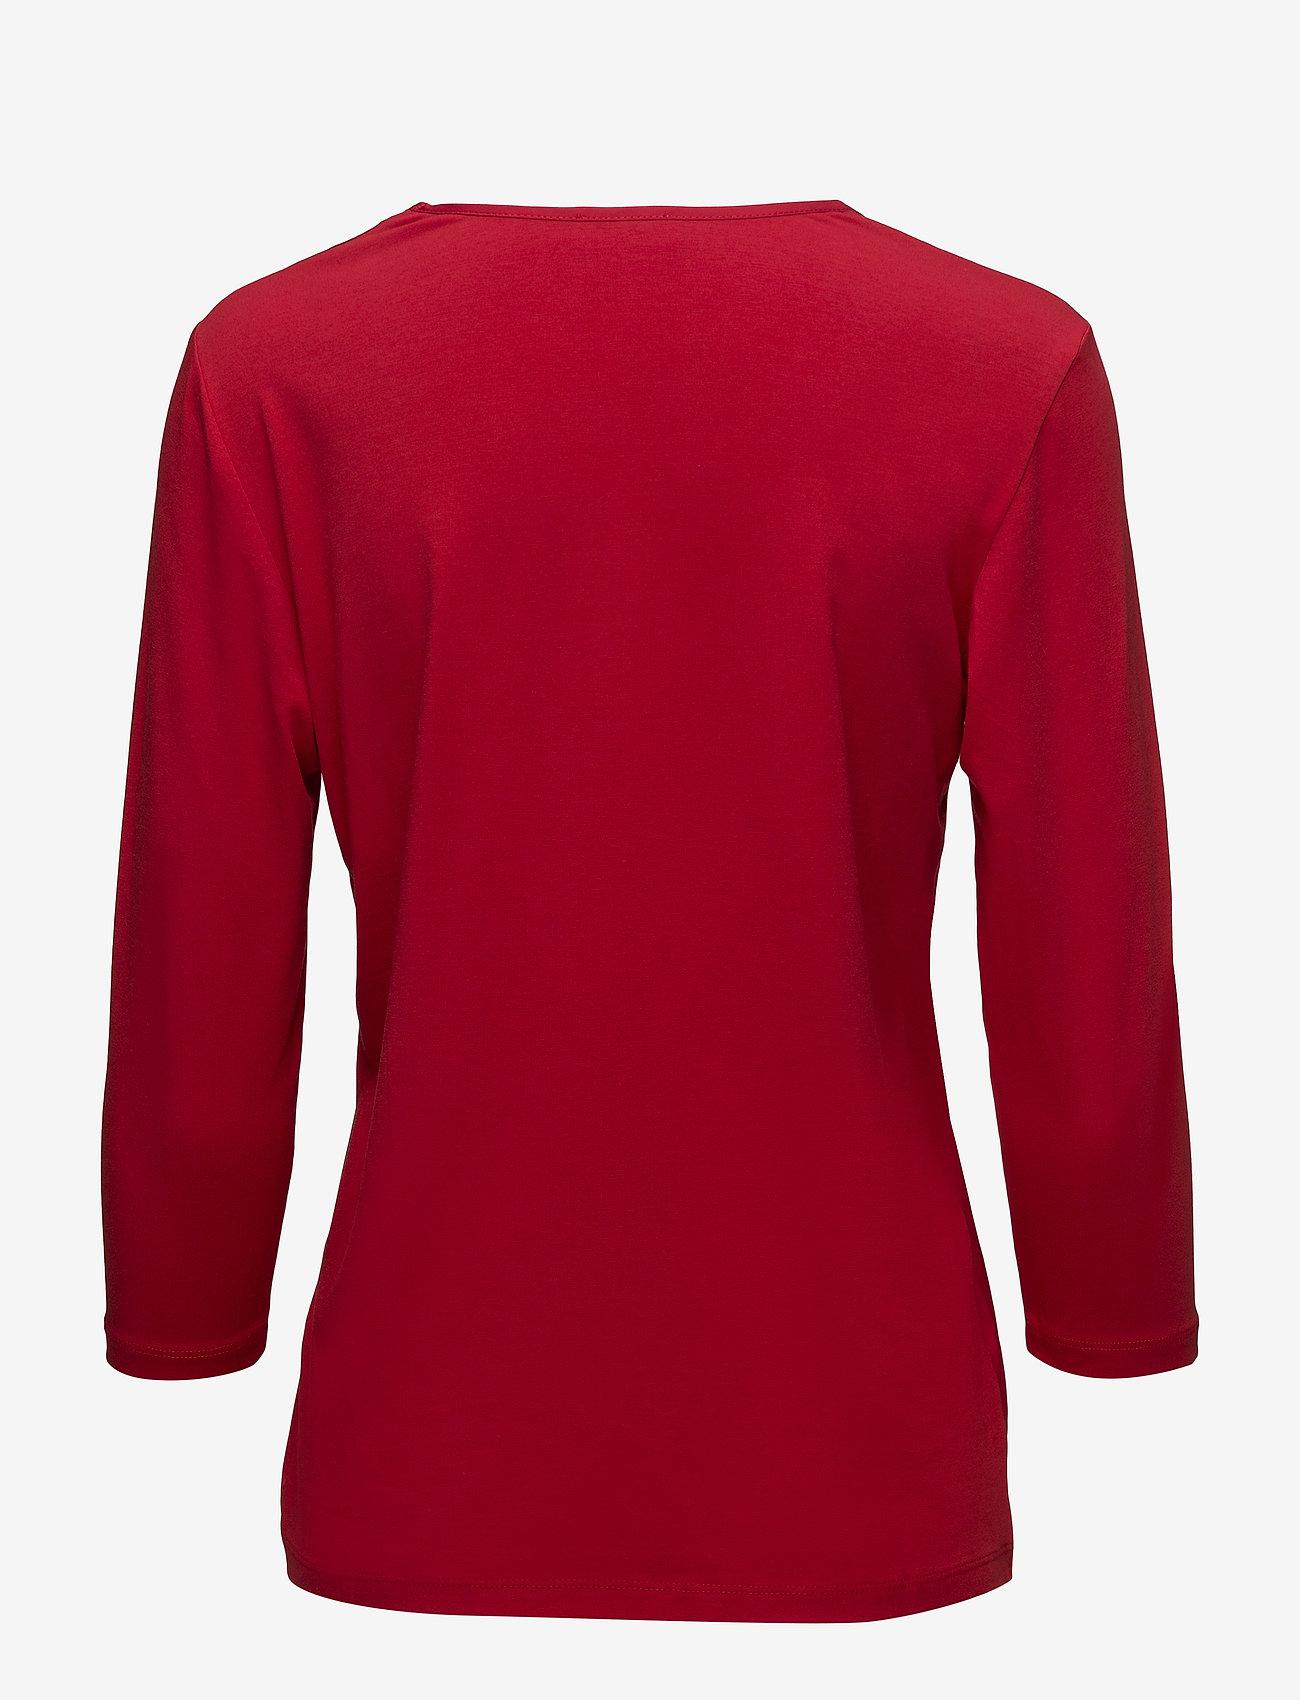 T-shirt 3/4-sleeve R (Red) (419.40 kr) - Gerry Weber